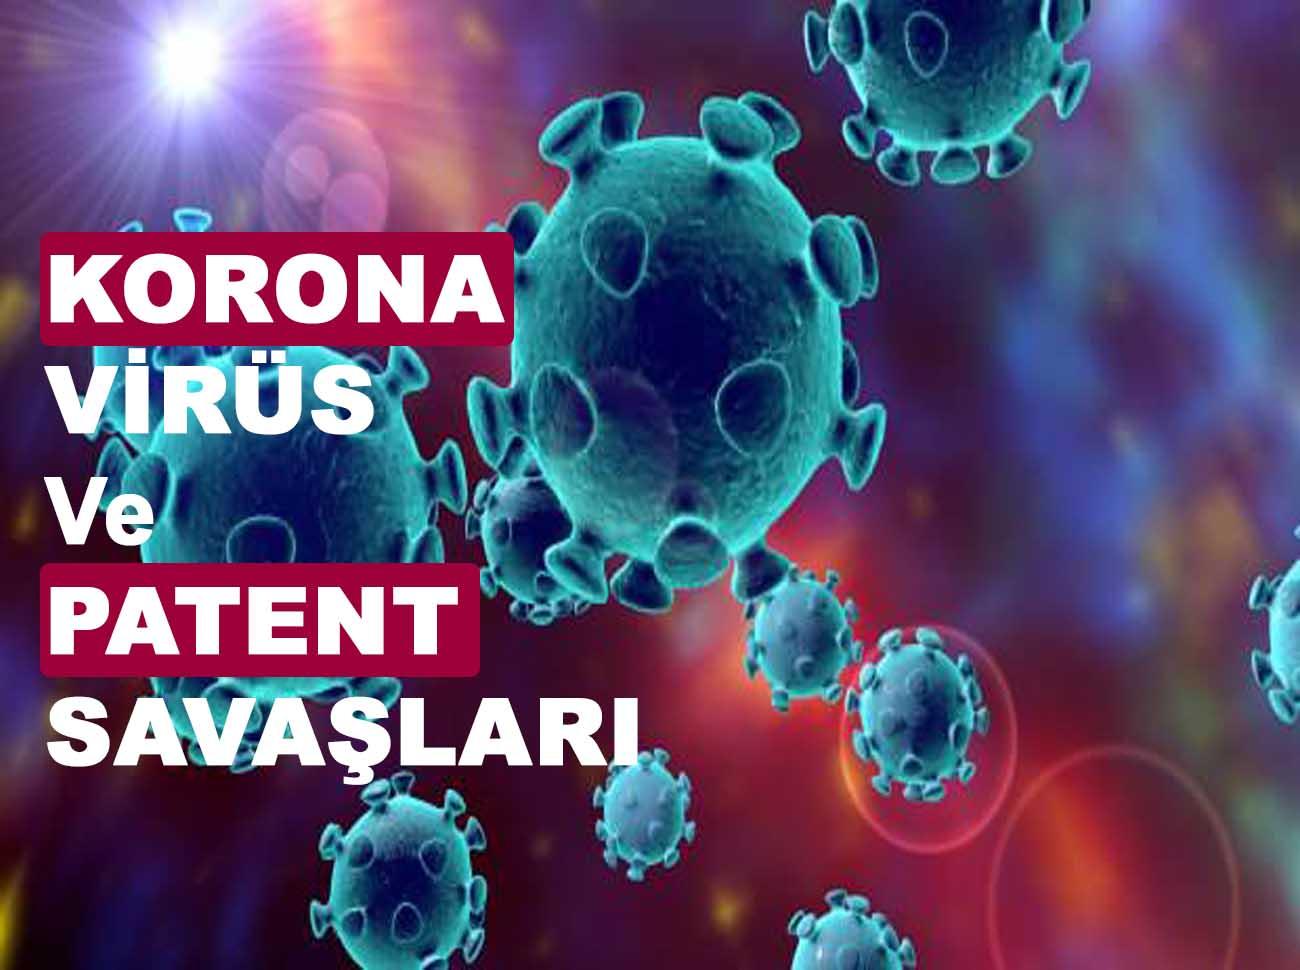 Ateşli Bir Silah Korona Virüs Ve Patent Savaşları